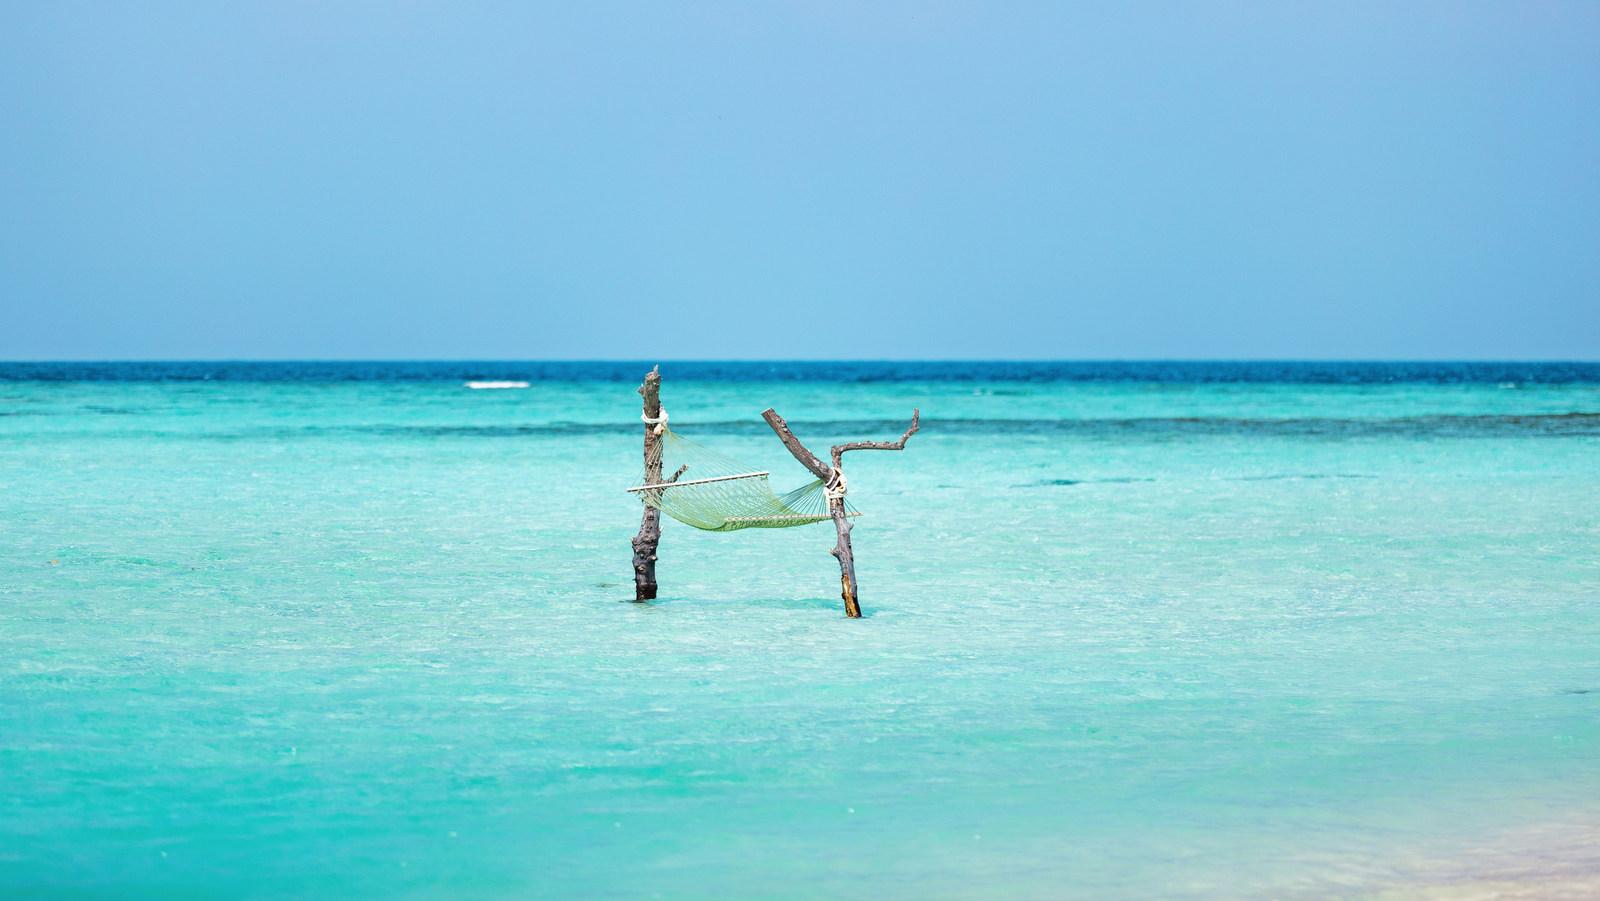 Мальдивы, отель Angsana Velavaru, качели над водой